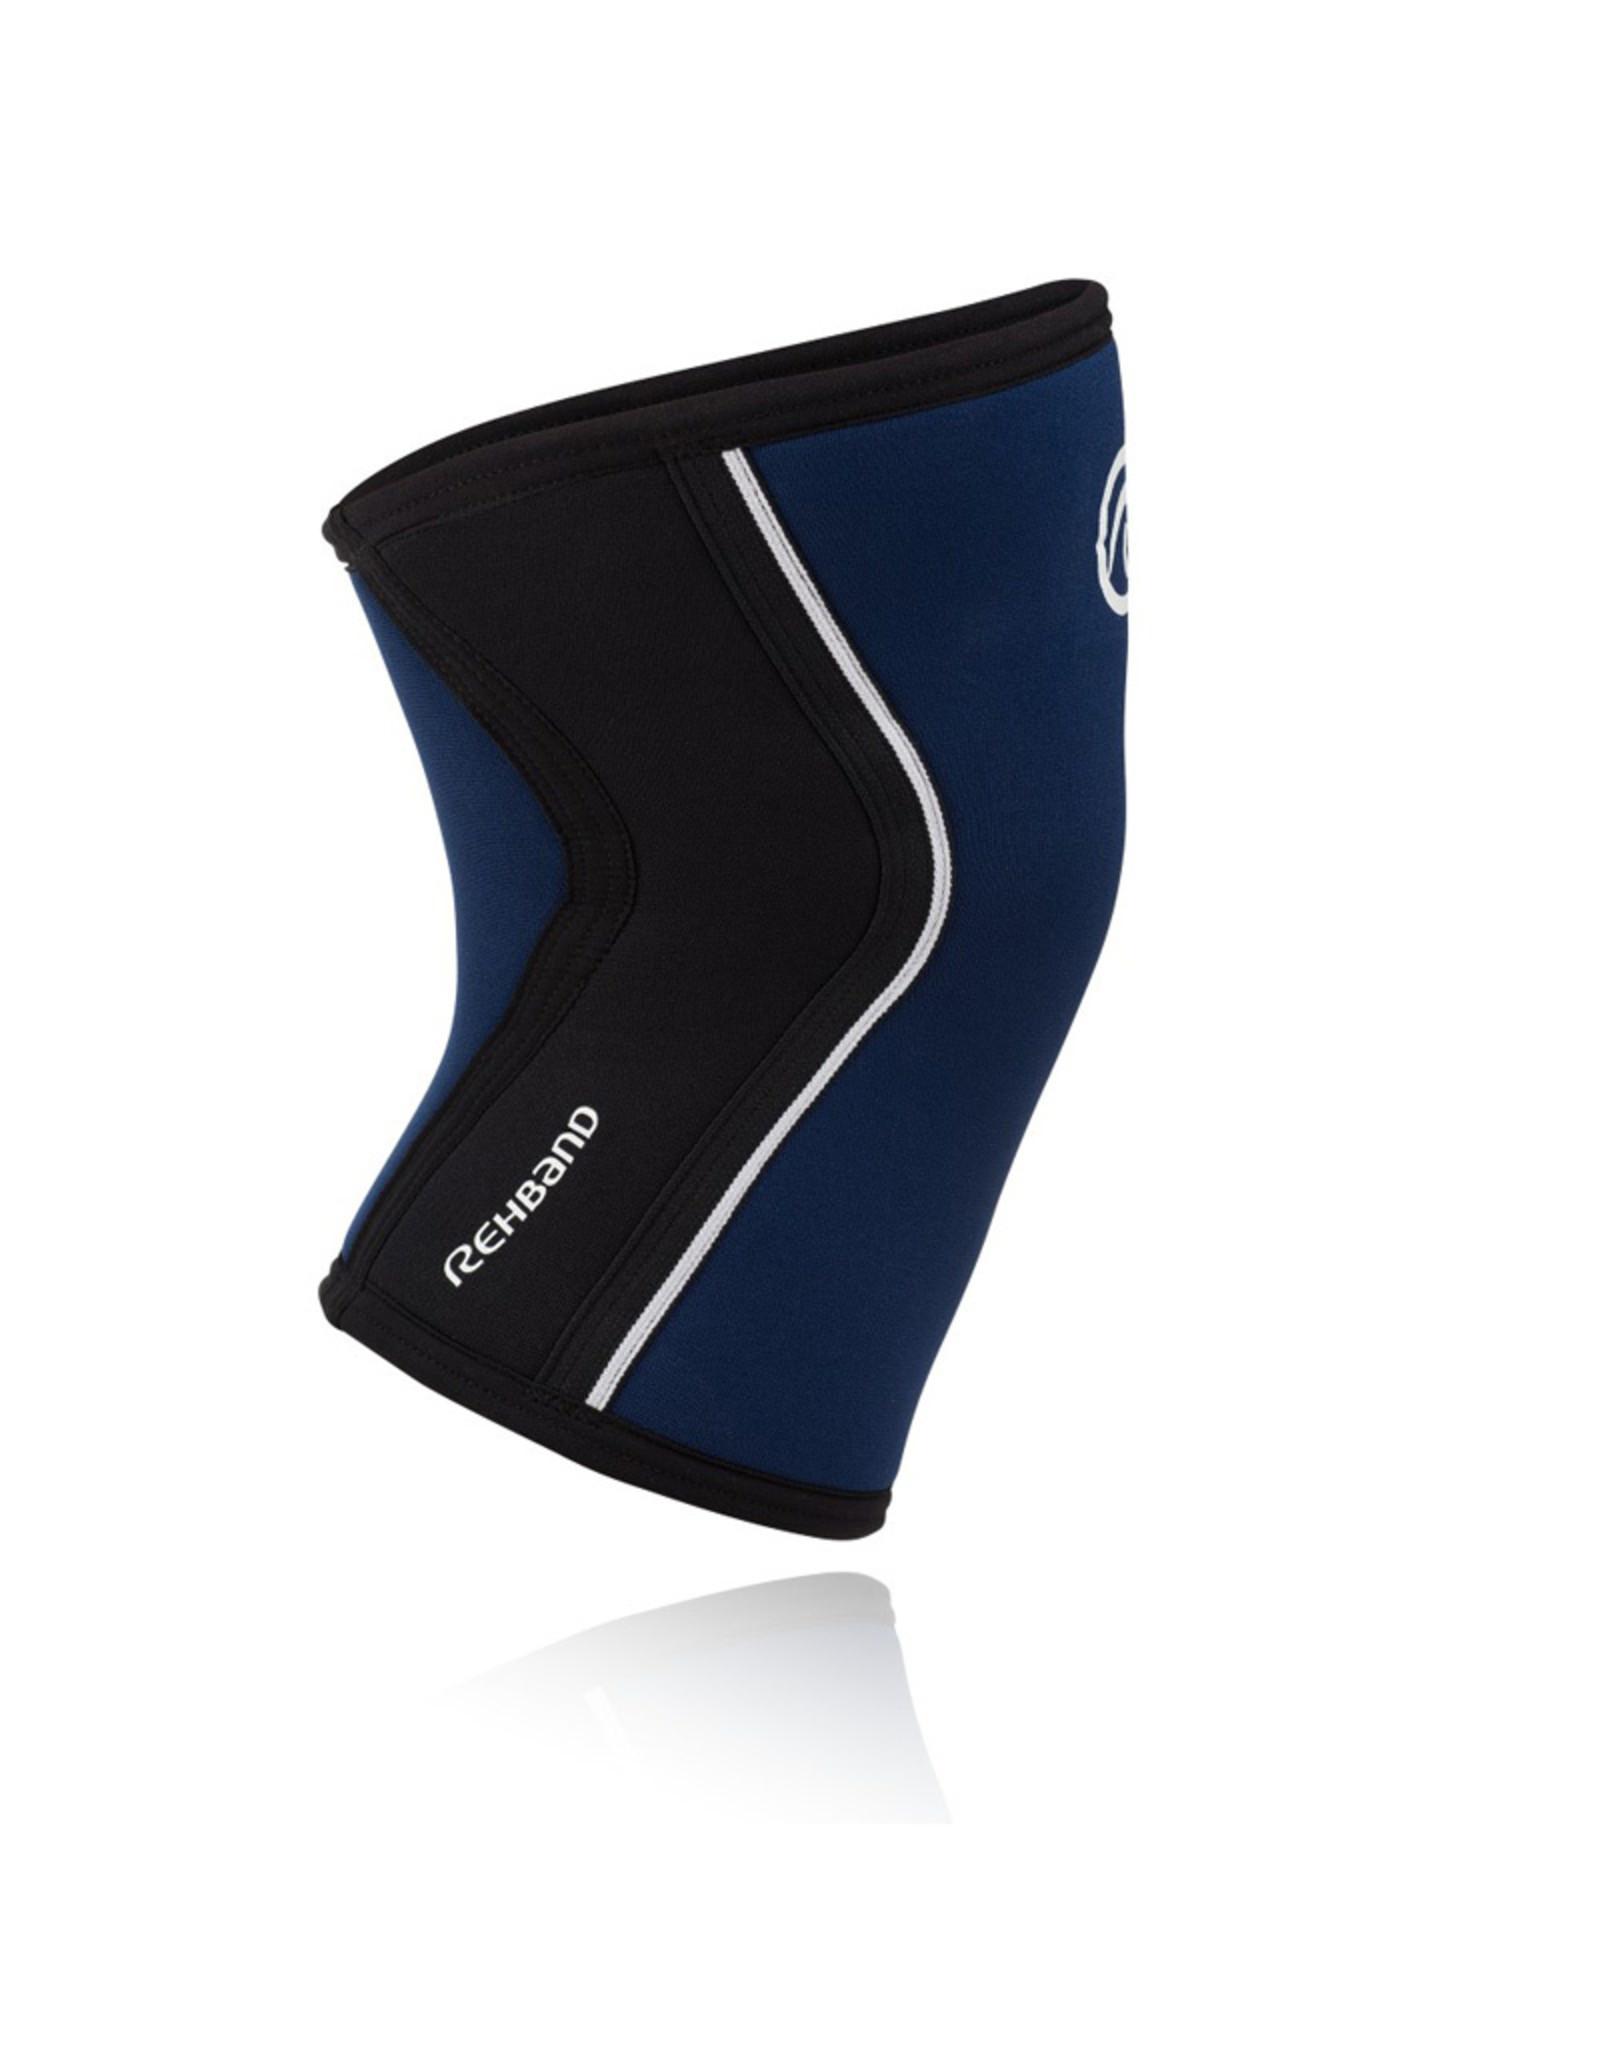 Rehband Rx Knee Sleeve 5Mm Genouillere - Marine